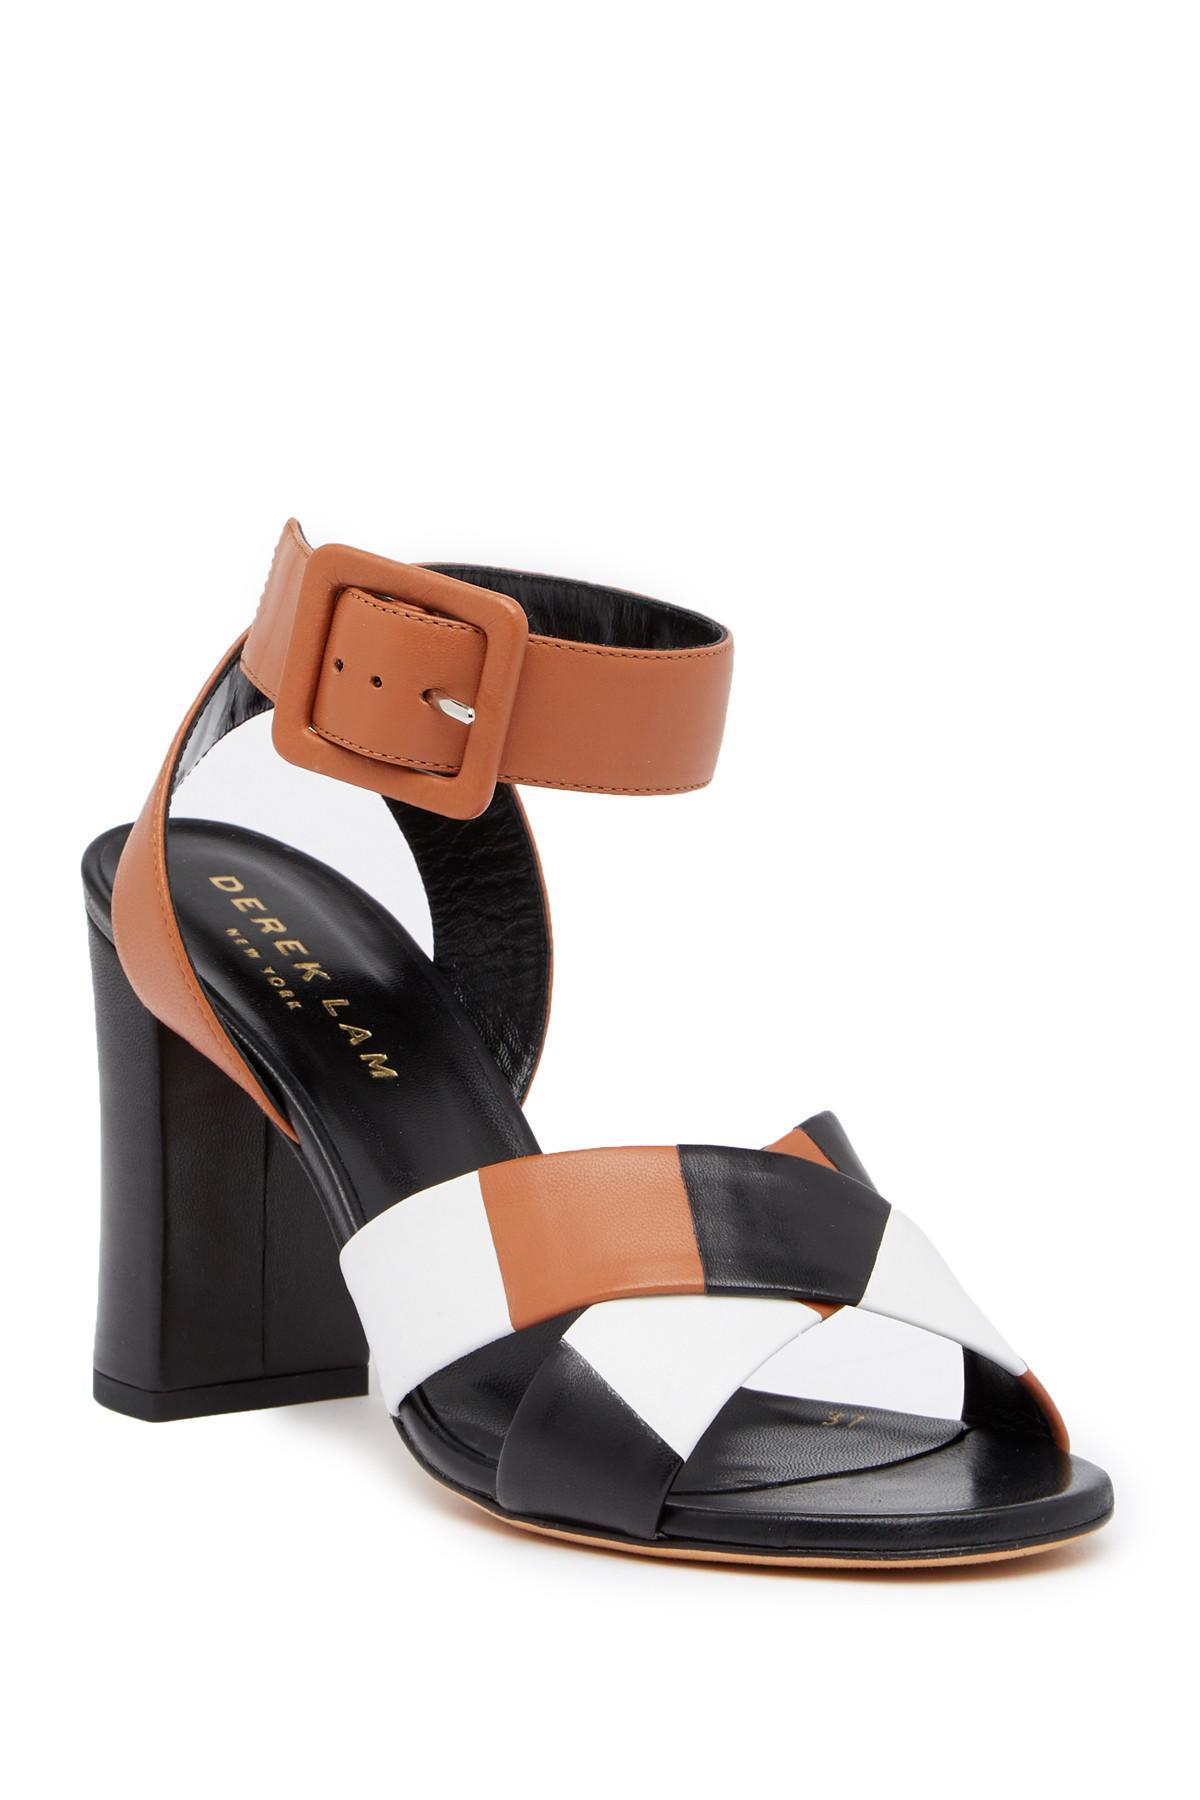 Derek Lam. Women's Alibi Colorblock Sandal